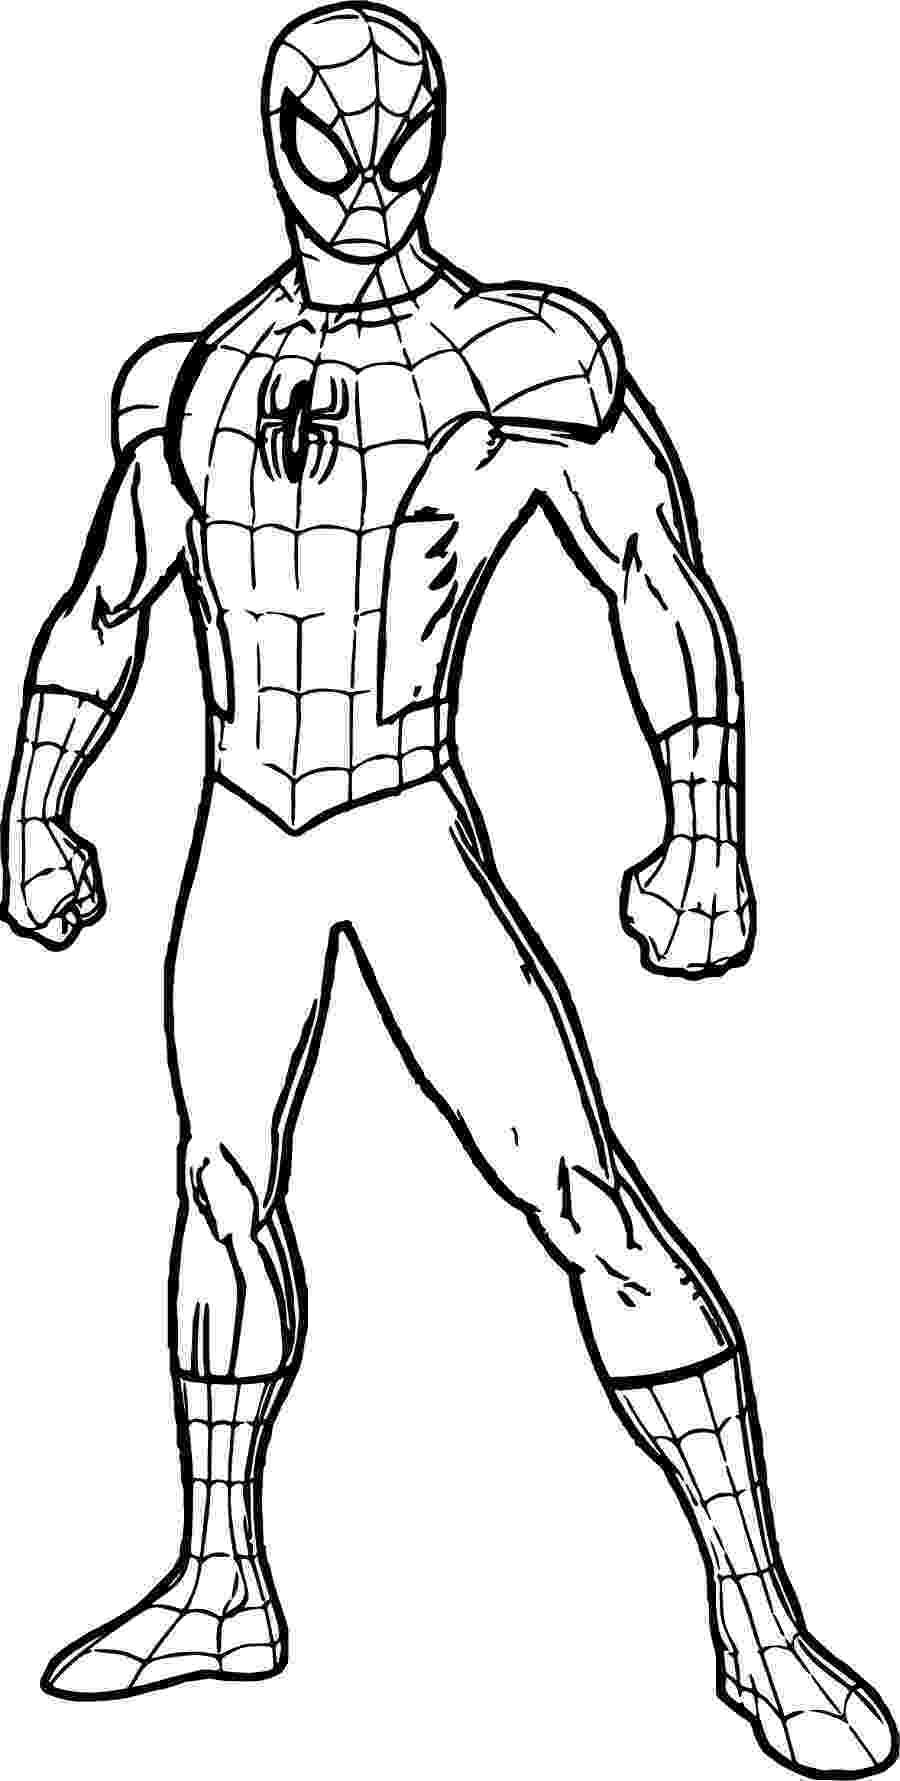 imagens do homem aranha para colorir desenhos do homem aranha para imprimir e colorir fichas para imagens do homem colorir aranha